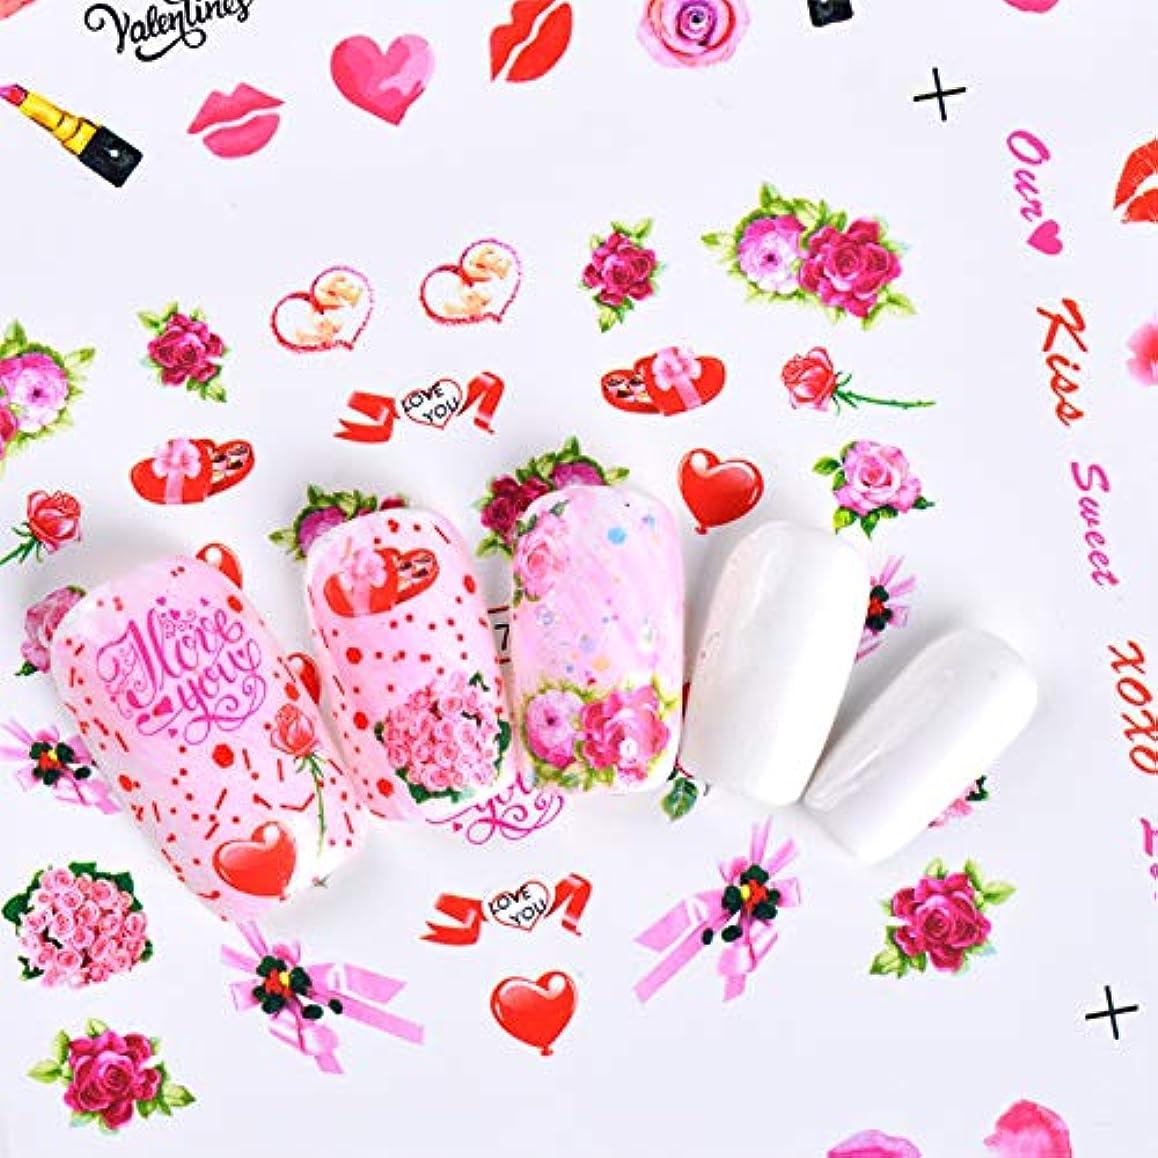 ファンタジー耳グラマーSUKTI&XIAO ネイルステッカー 12デザインロマンチックなローズハートネイルアート水花フローラ美容転送ステッカーデカールラップマニキュア装飾ツール